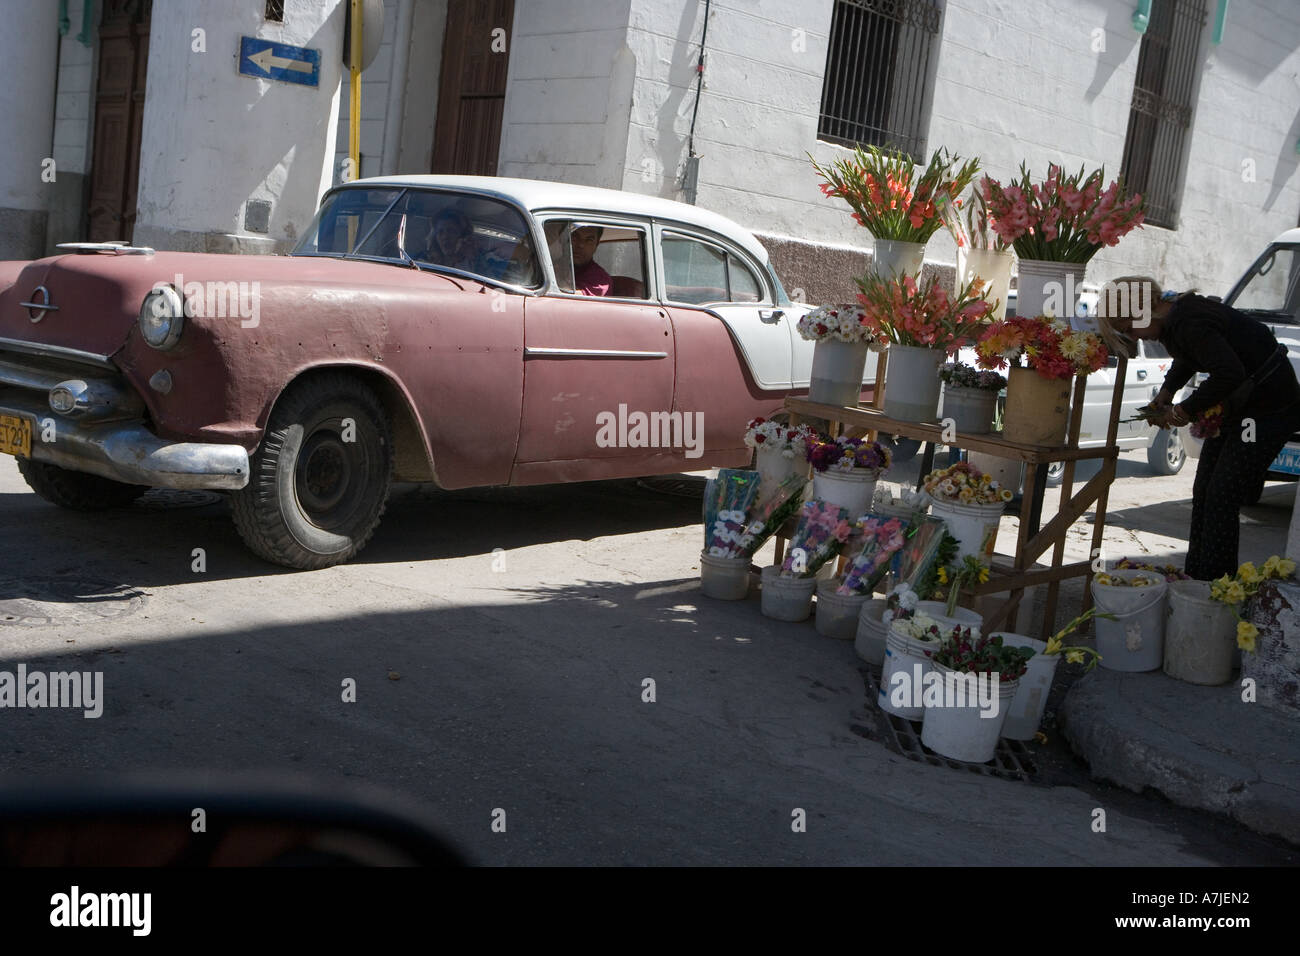 Car Wreck Havana Stock Photos & Car Wreck Havana Stock Images - Alamy